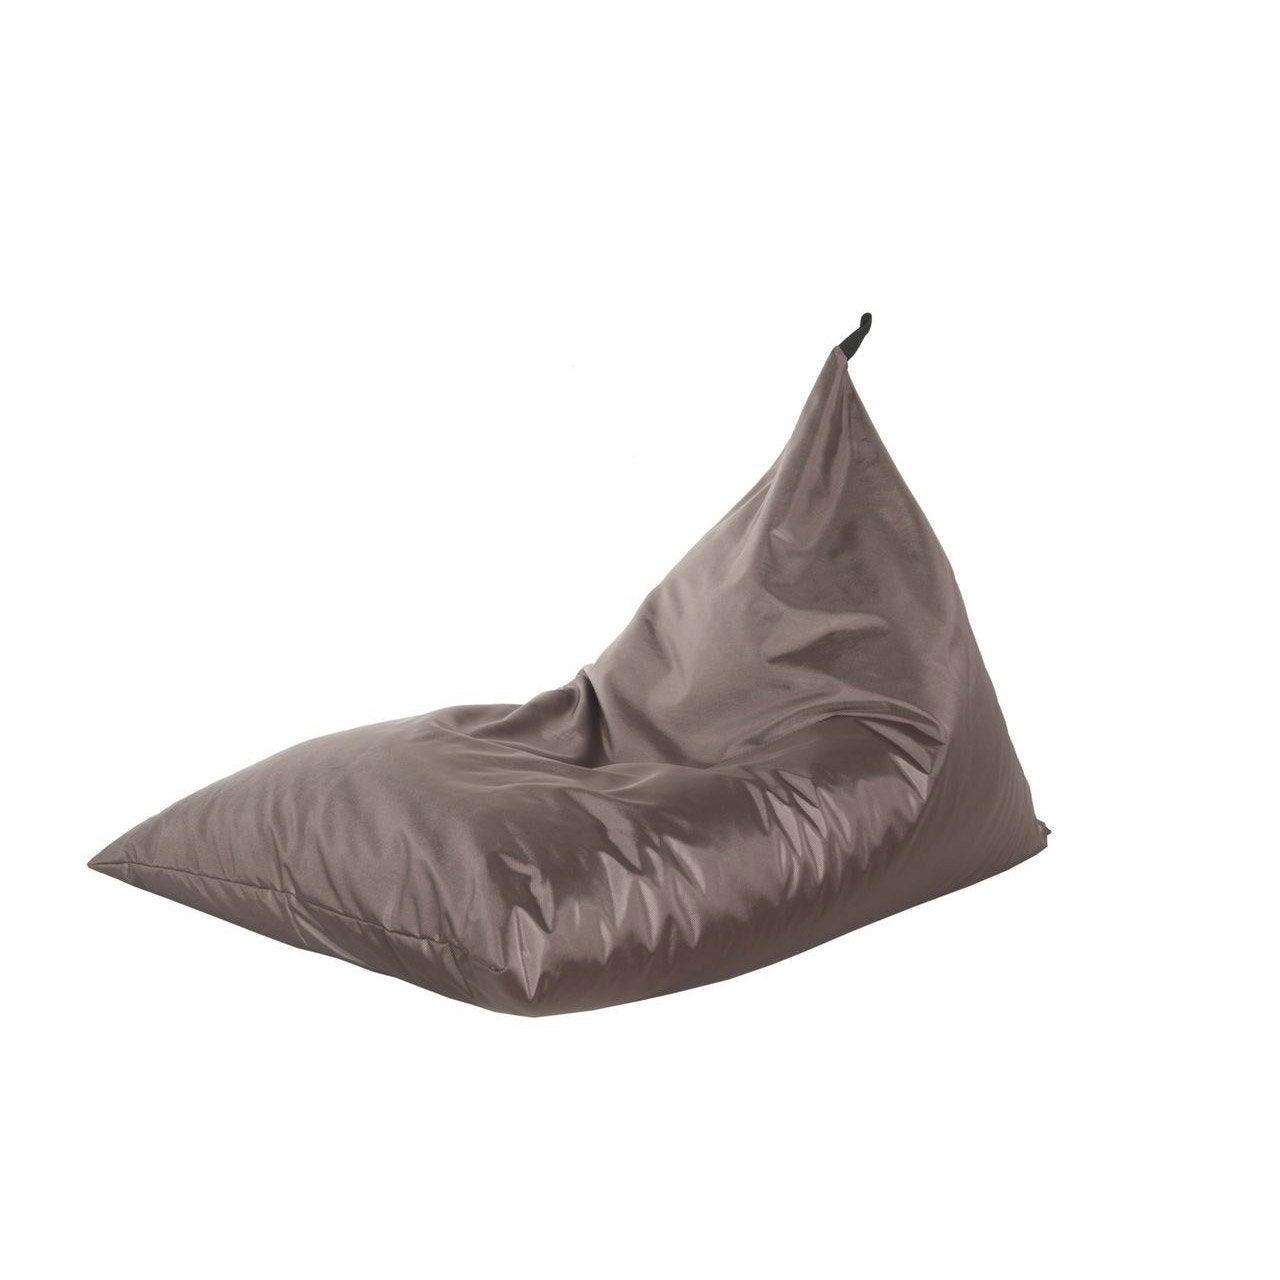 pouf de jardin en tissu berlingot marron leroy merlin. Black Bedroom Furniture Sets. Home Design Ideas